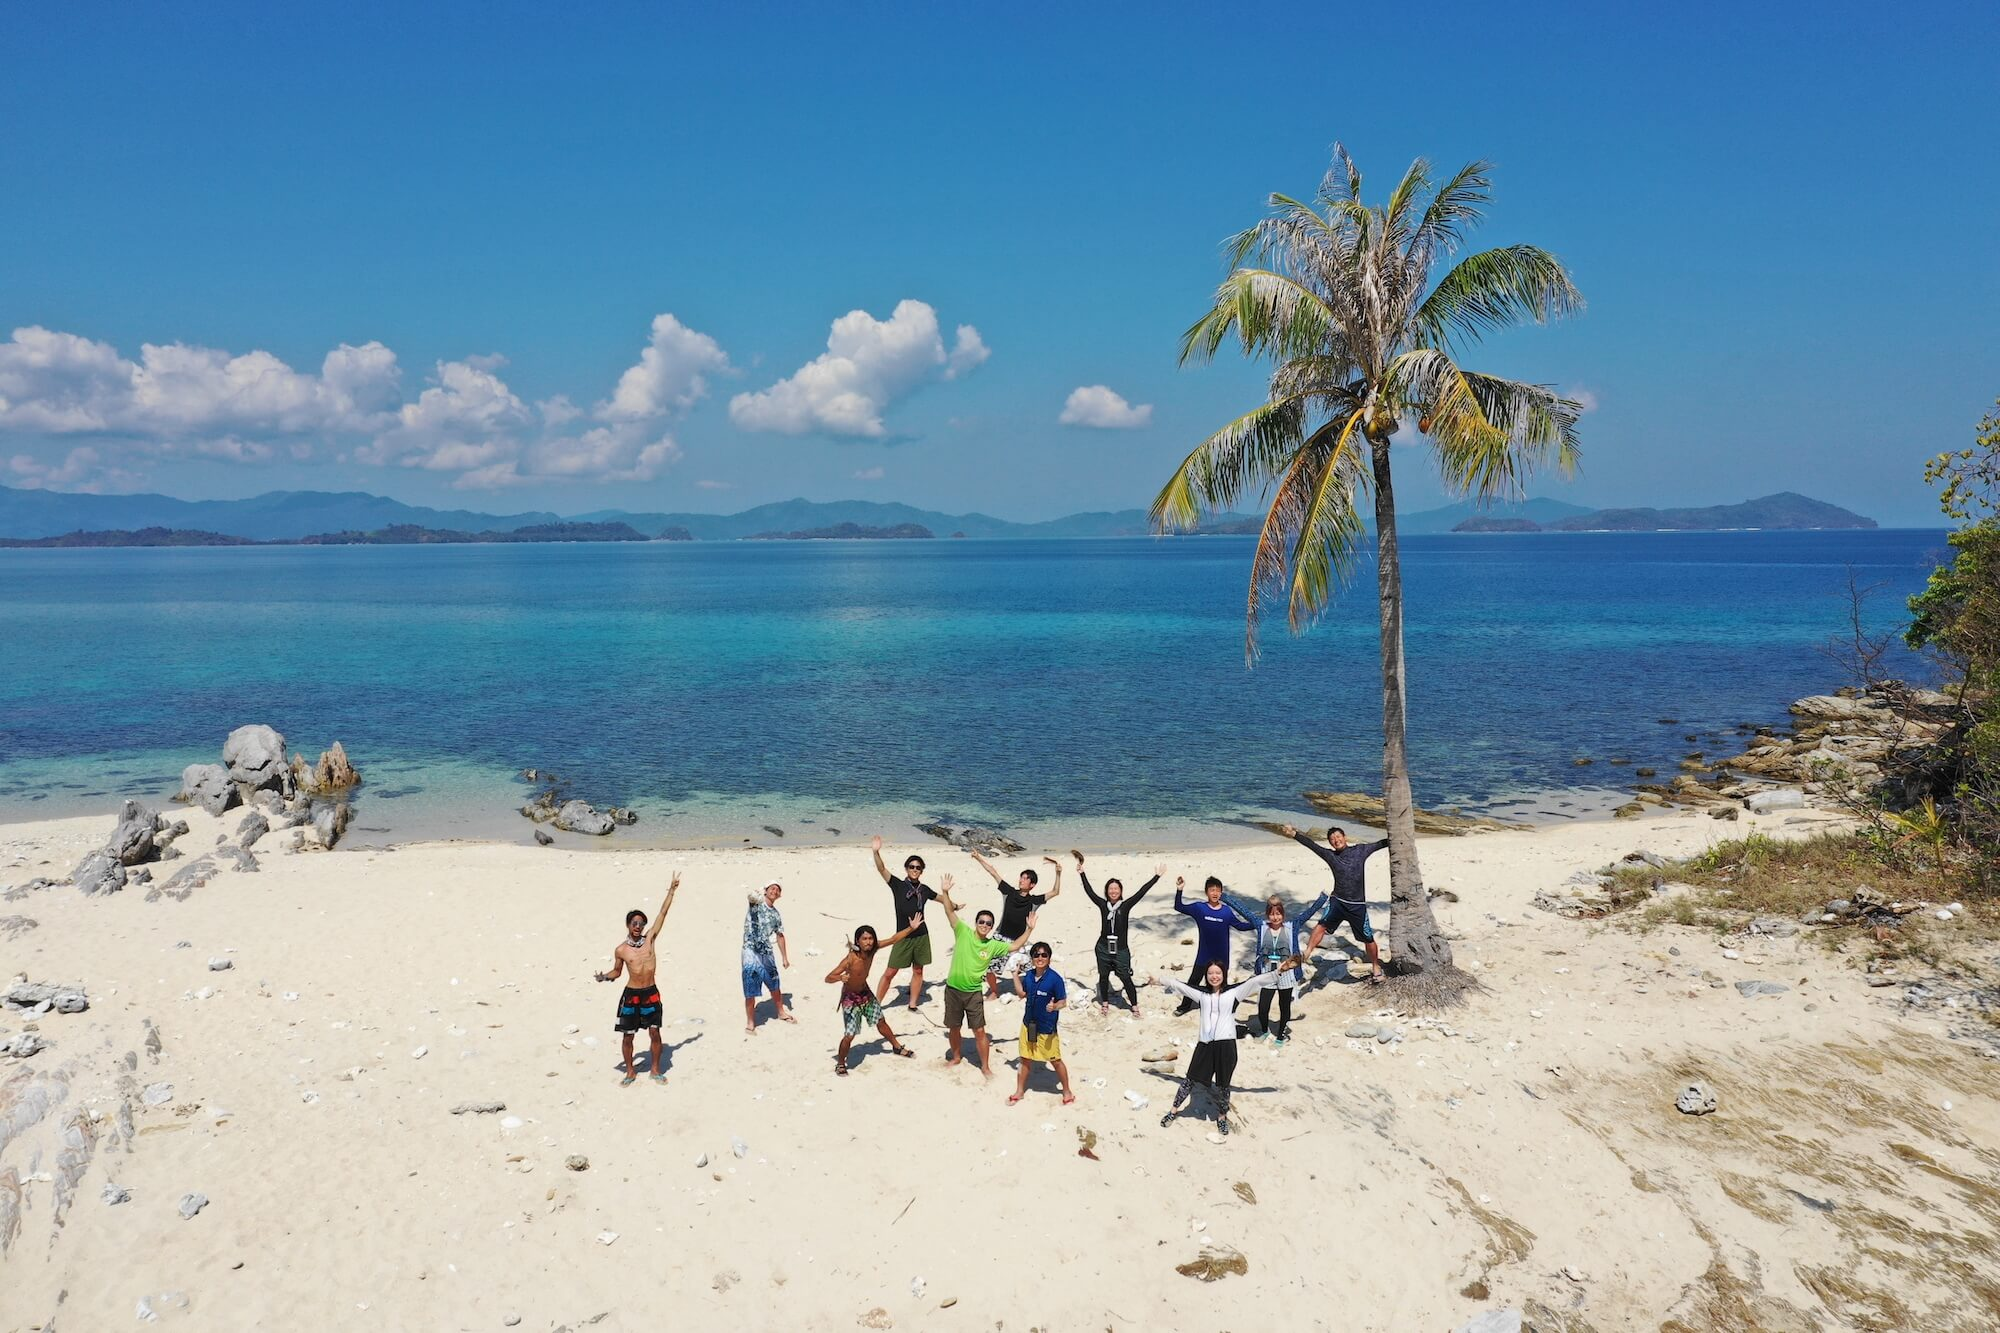 無人島キャンプinフィリピン